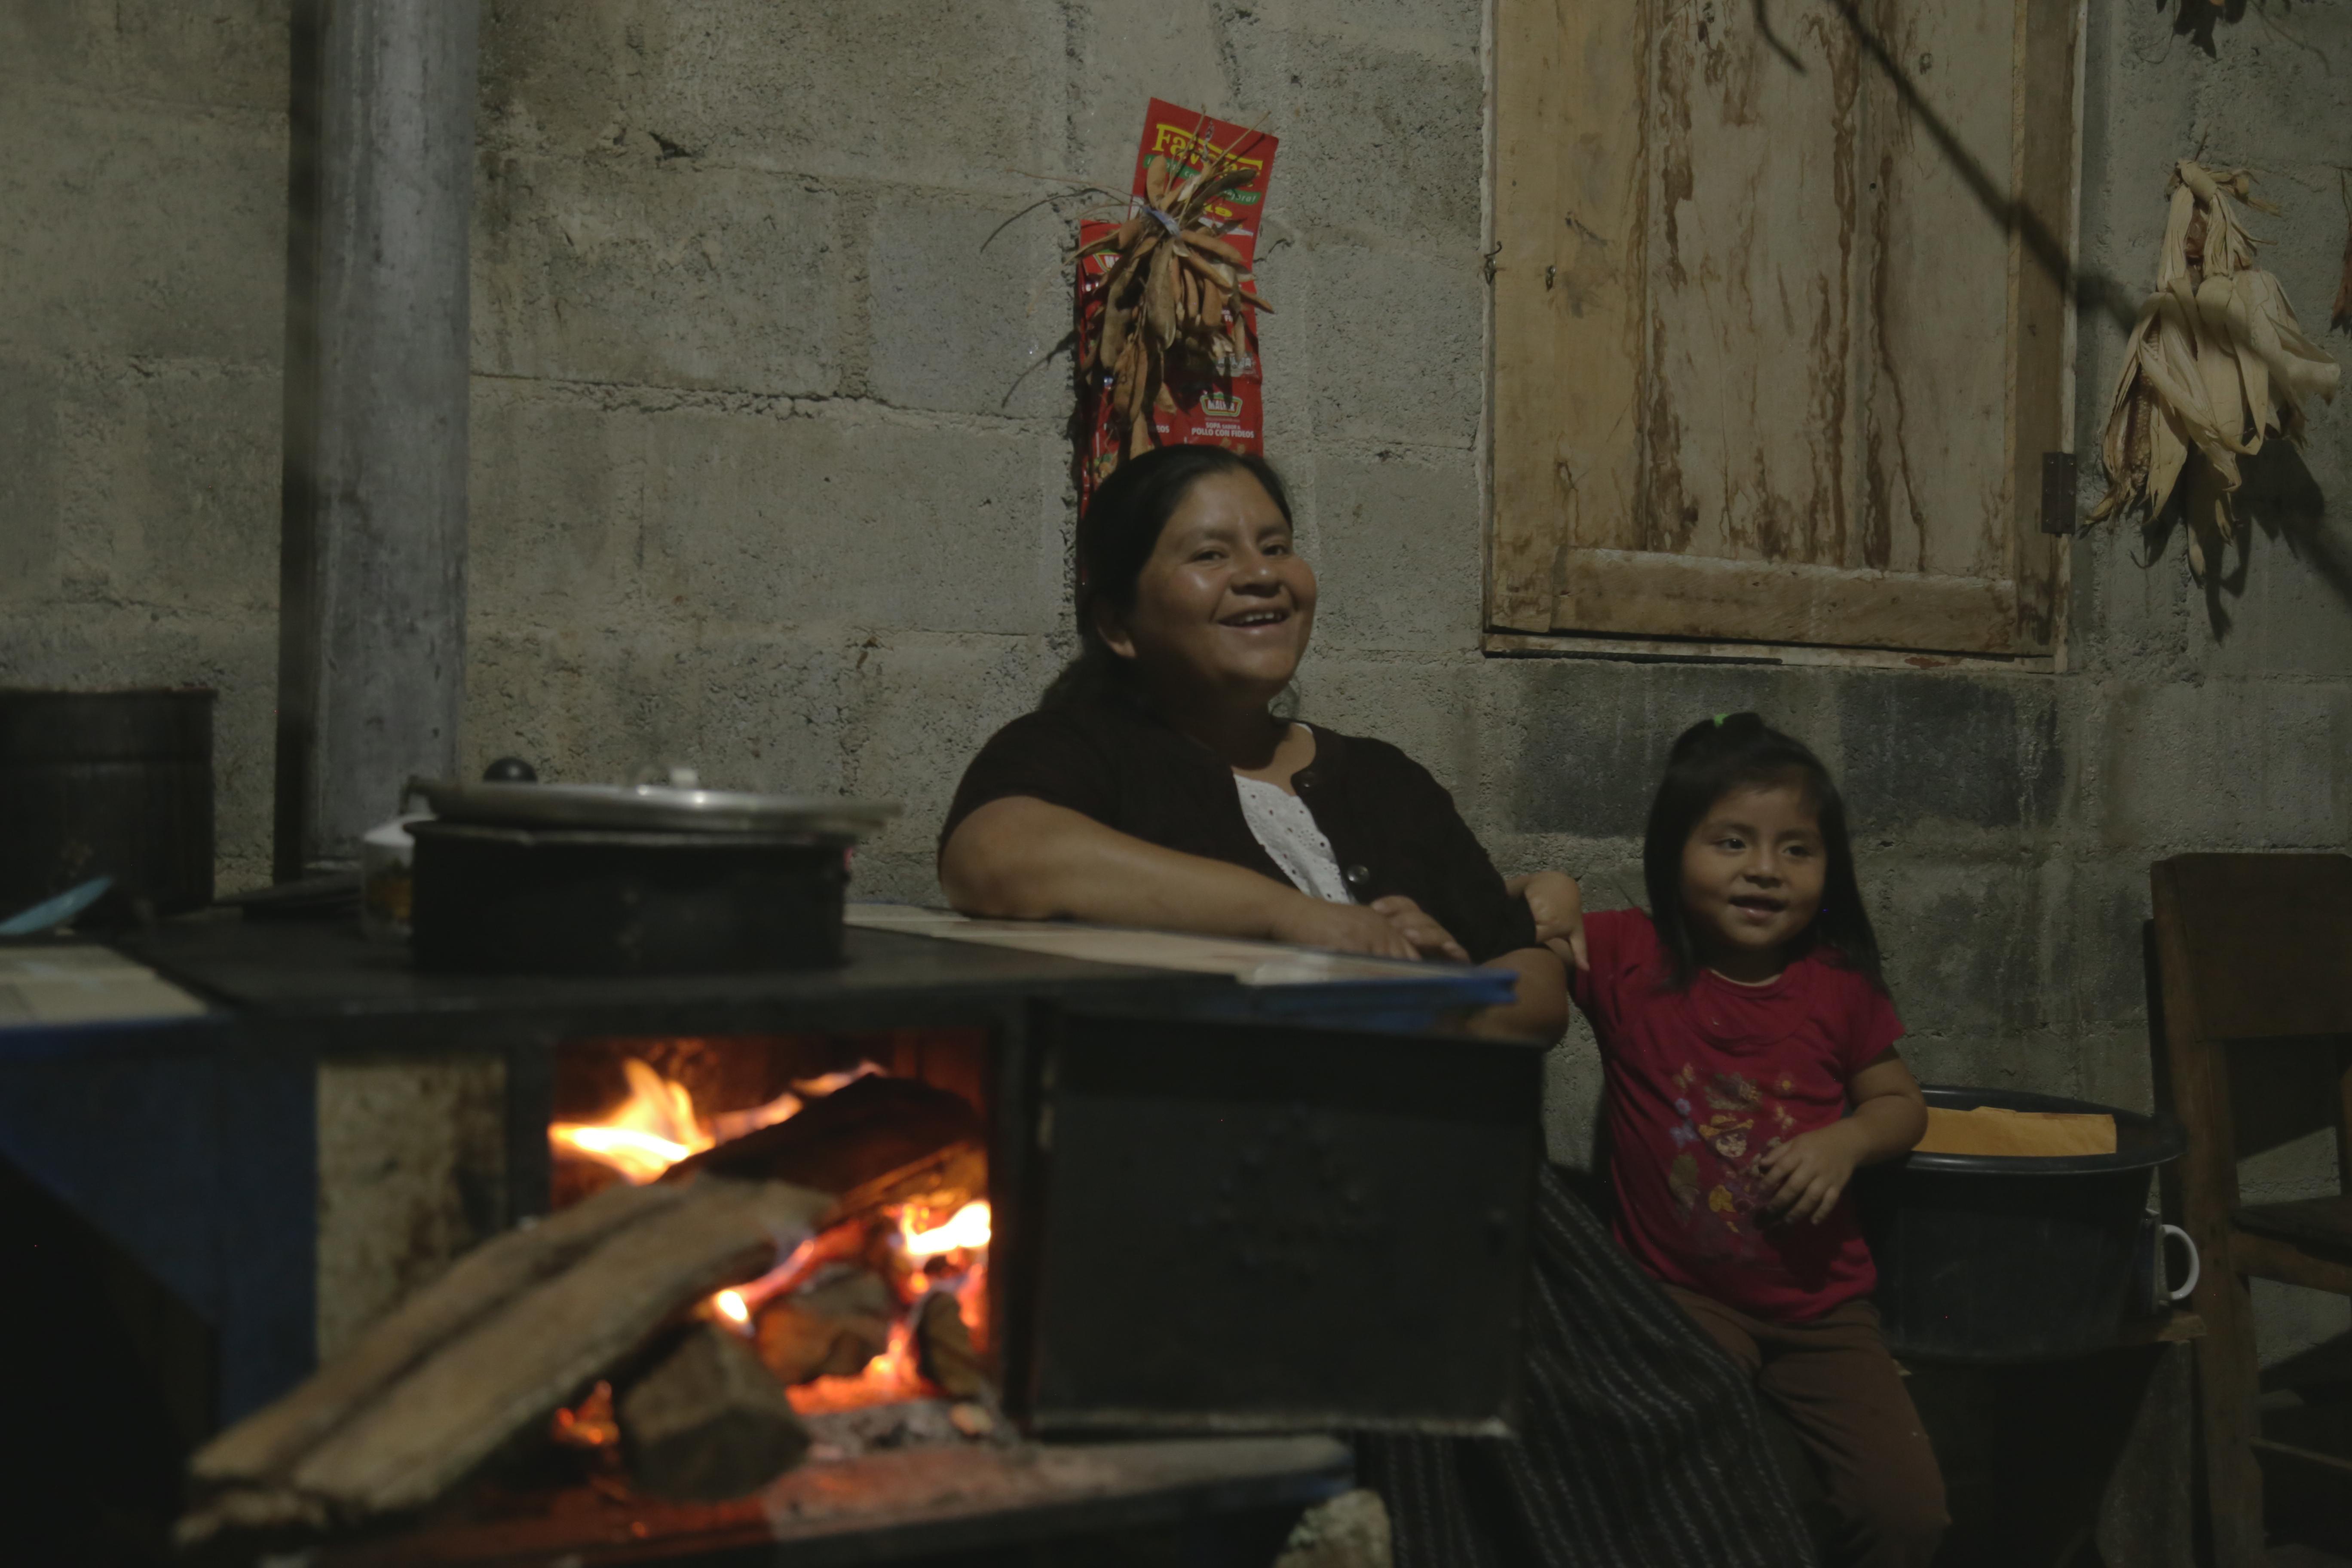 Laura y su hija Ángela, en el calor de su hogar. Foto: Carla Molina